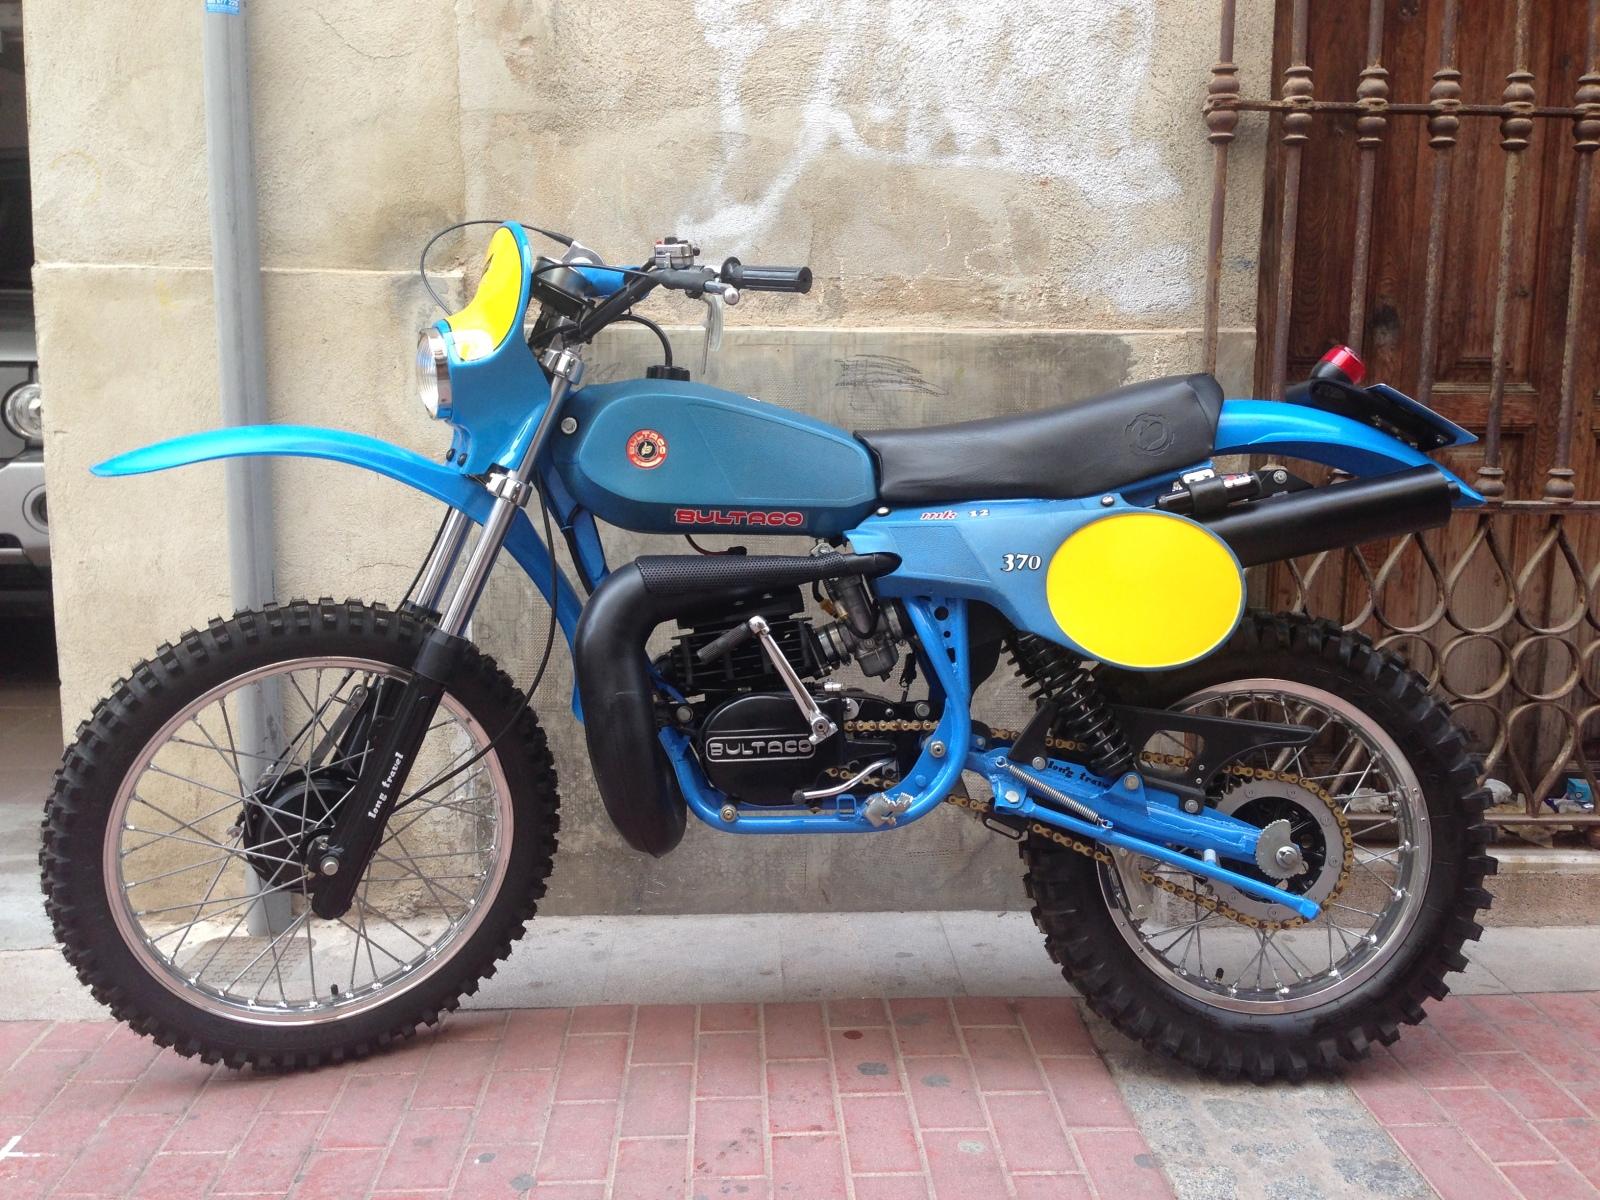 Ossa - Colección TT Competición: Bultaco,Montesa,Ossa - Página 2 6h2put